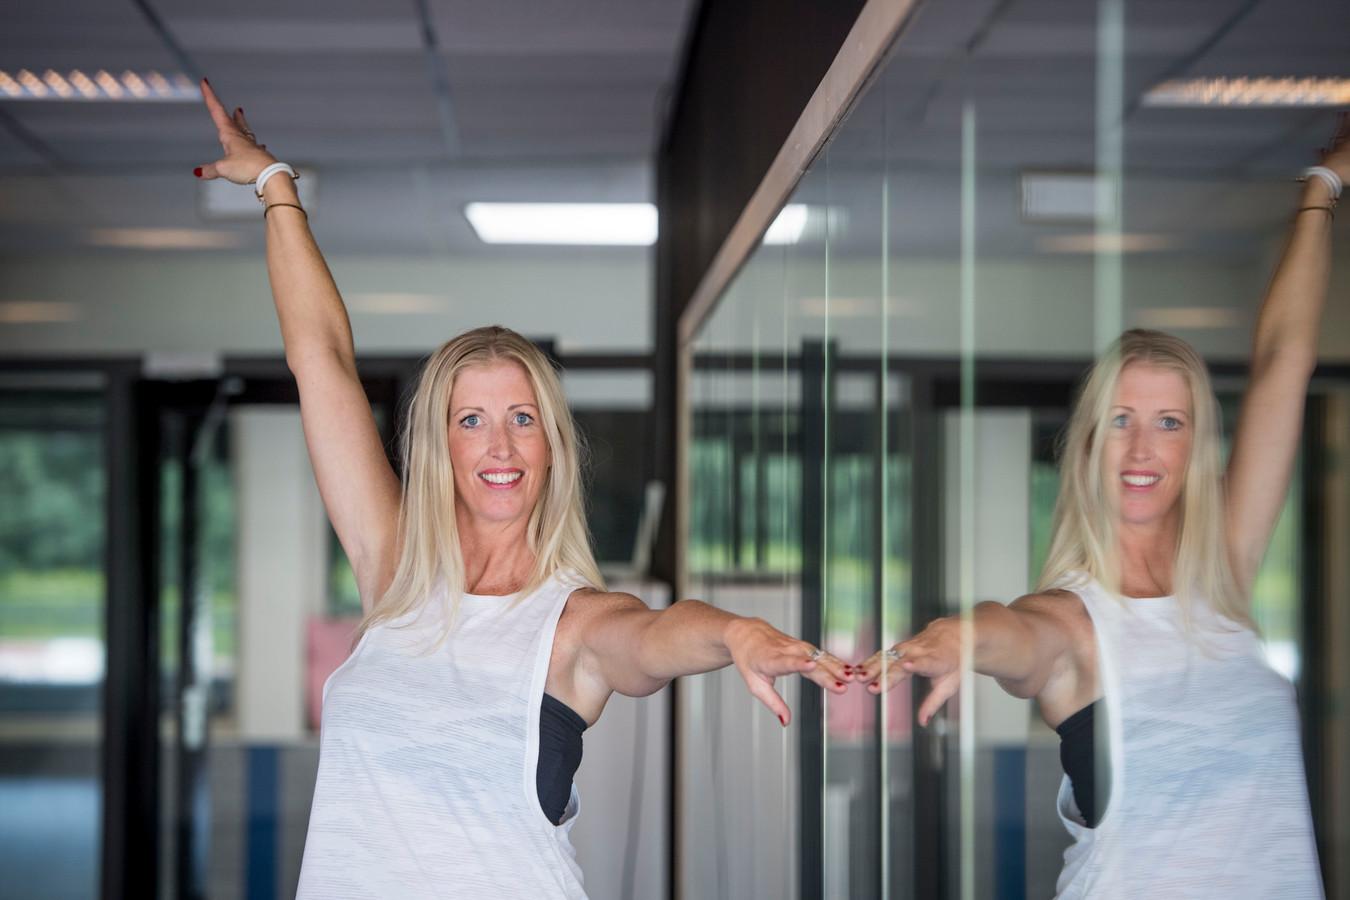 Janien Schipdam begint een nieuwe dansschool in Wierden.